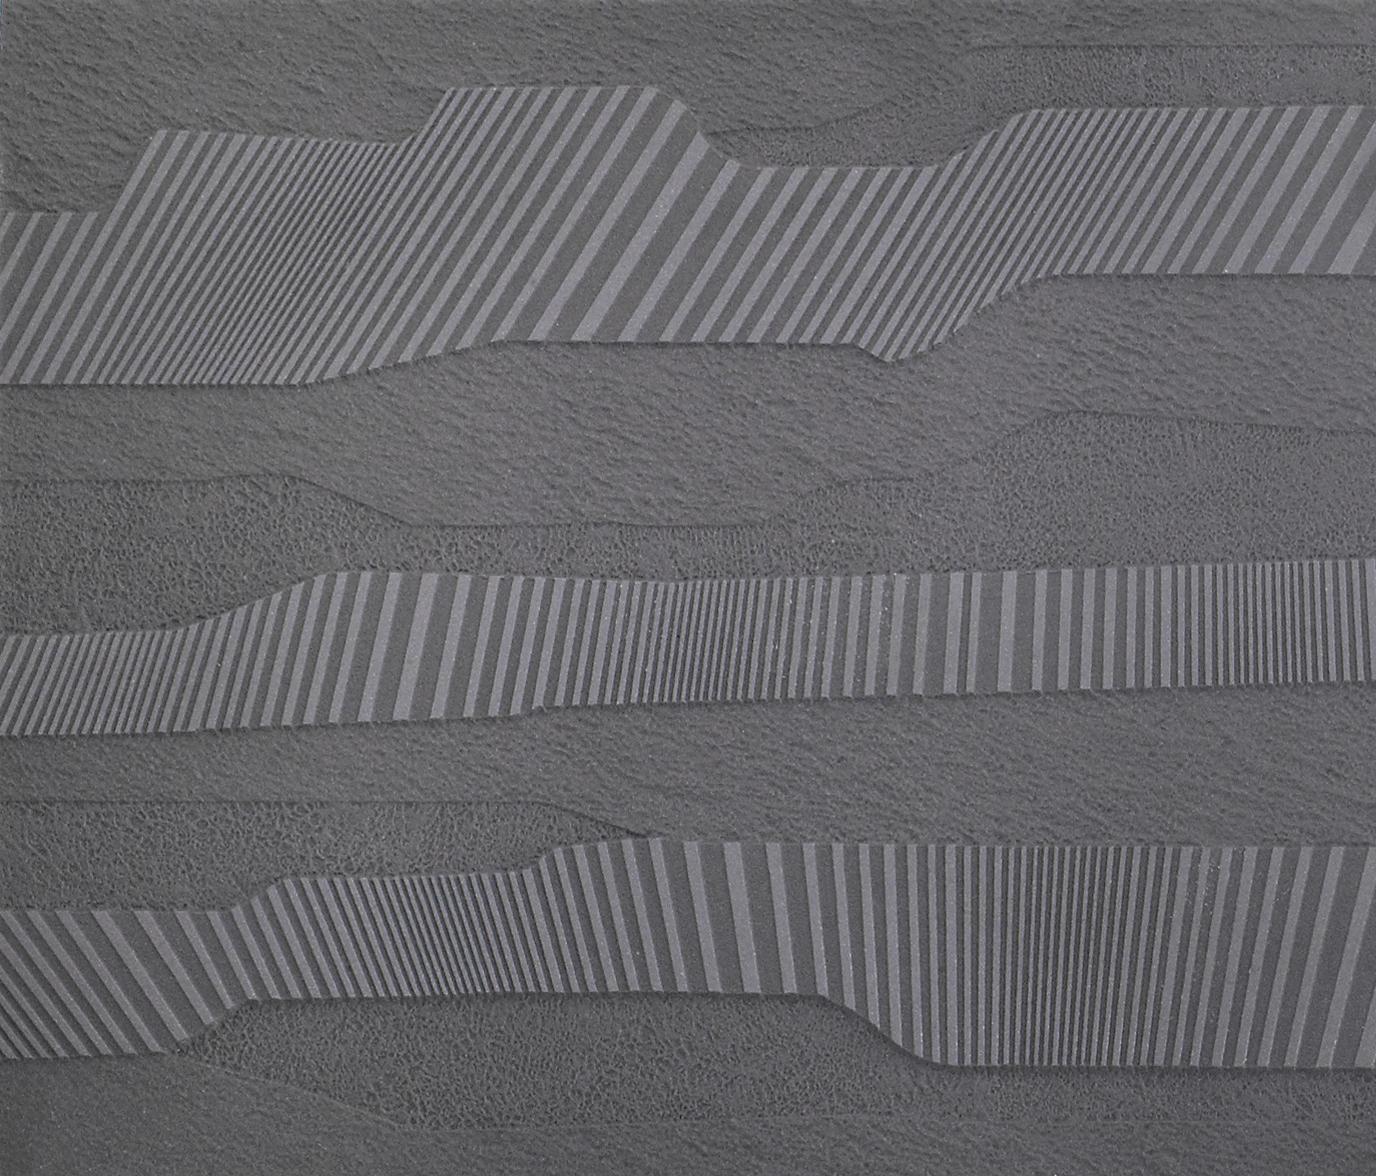 xeno keramik fliesen von agrob buchtal architonic. Black Bedroom Furniture Sets. Home Design Ideas